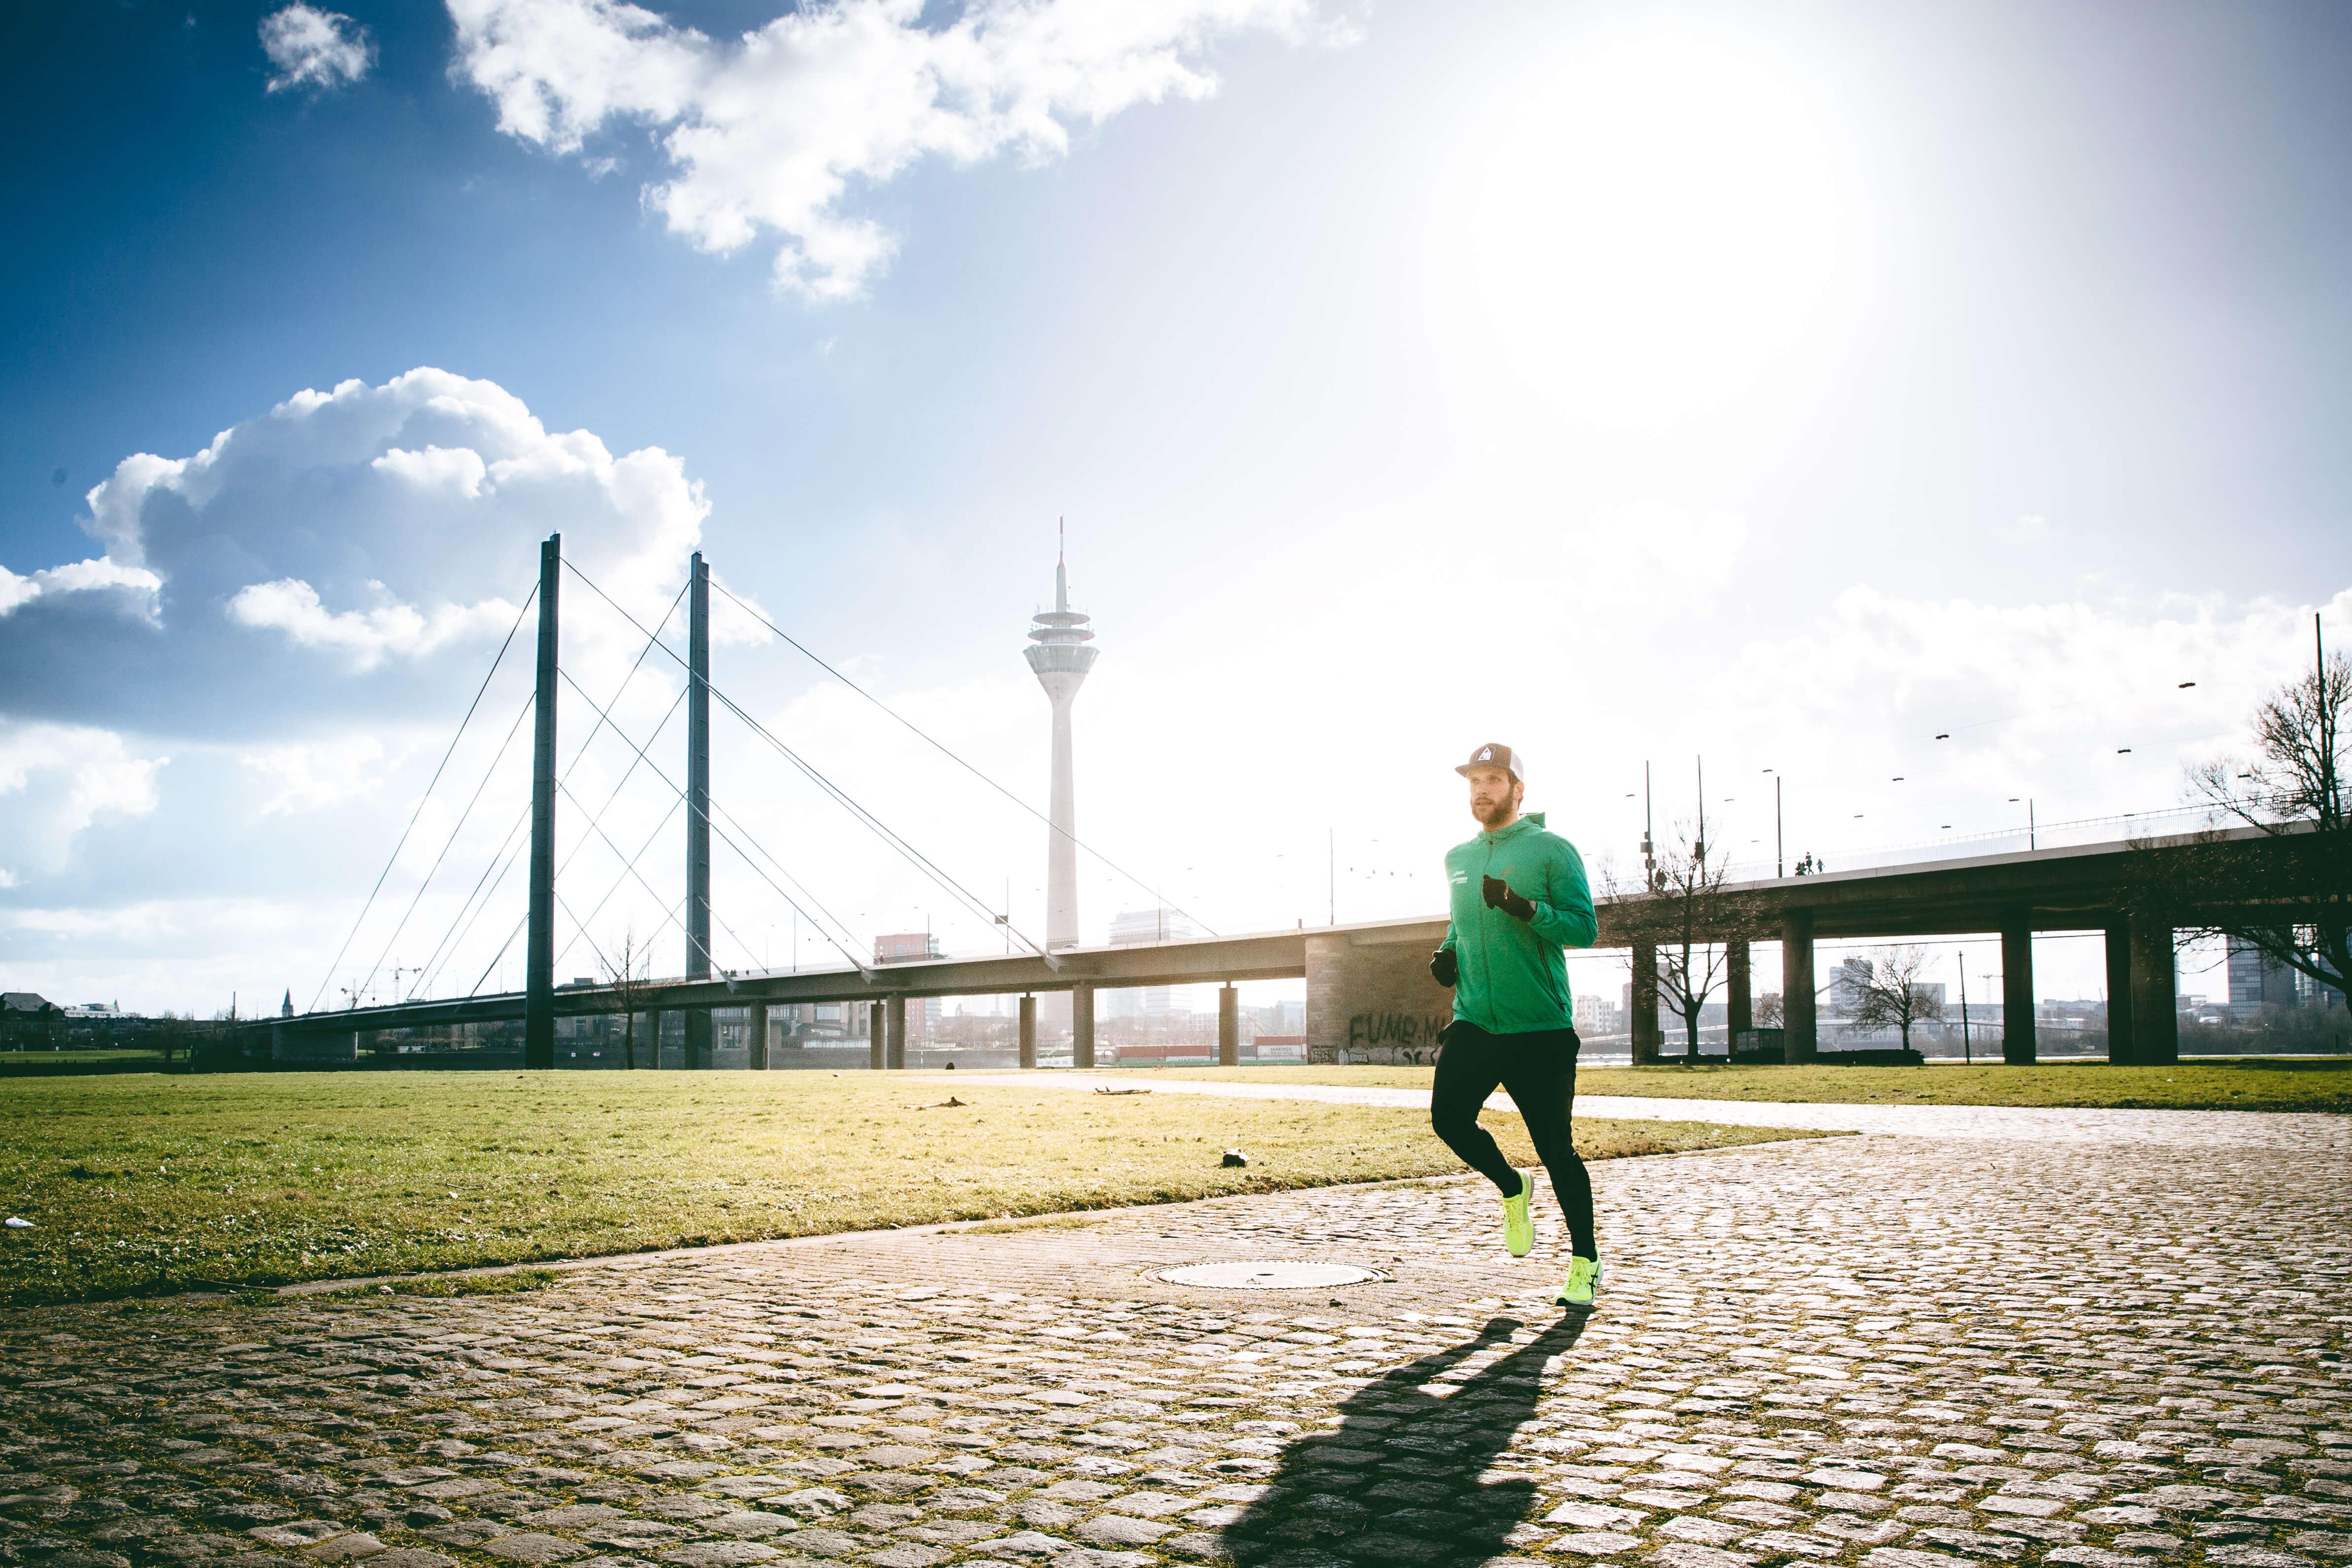 Laufen in der Sonne macht fit und gesund